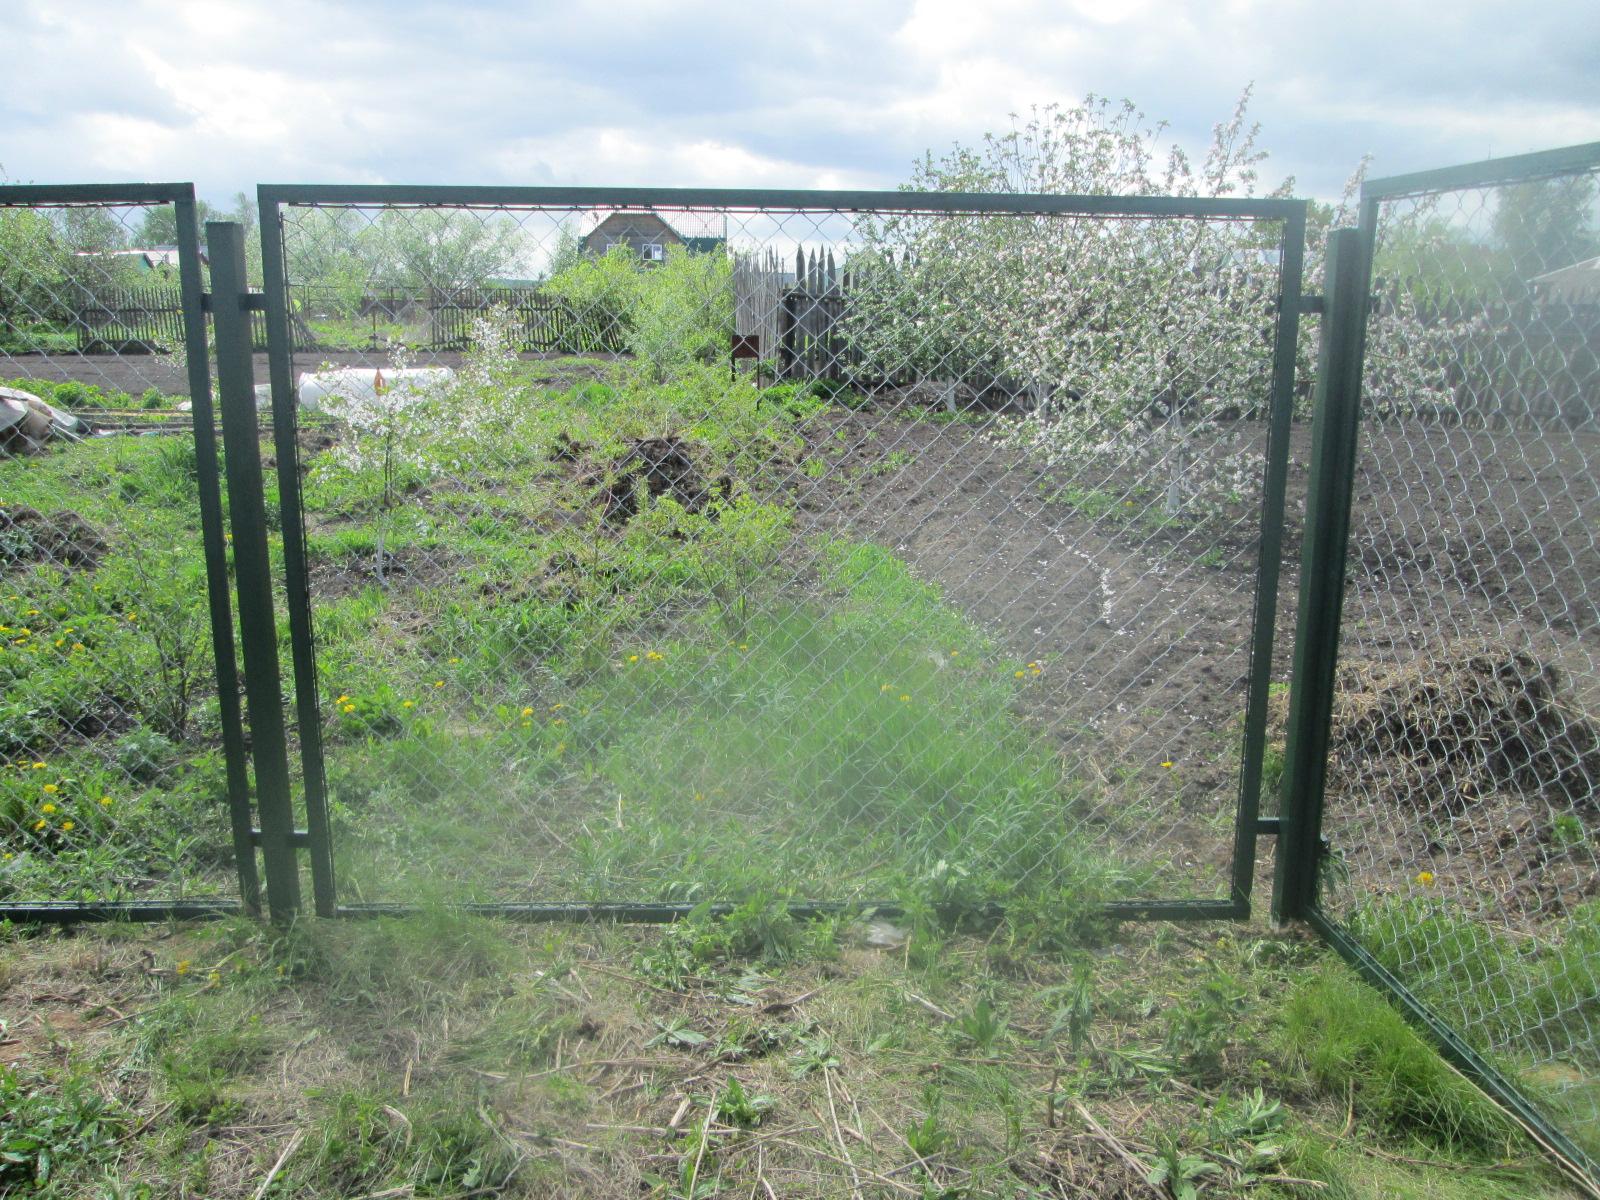 забор из сетки рабицы фото г иркутск инструкция отделке